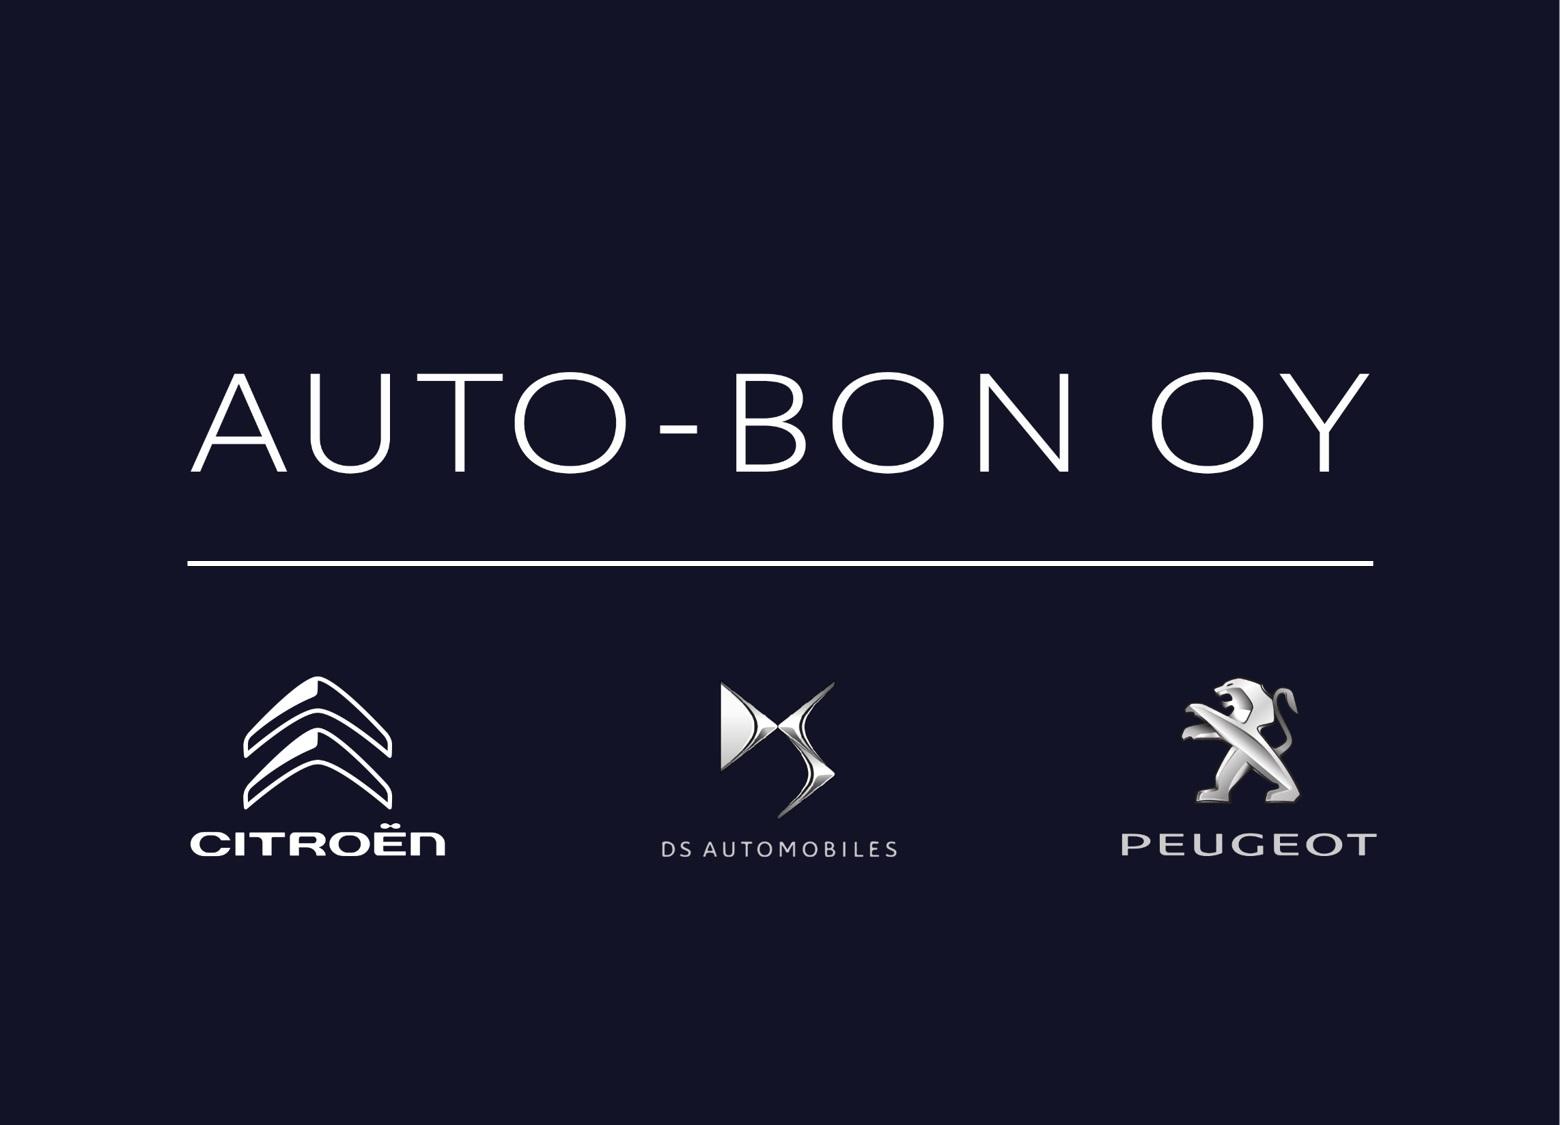 Auto-Bon Oy